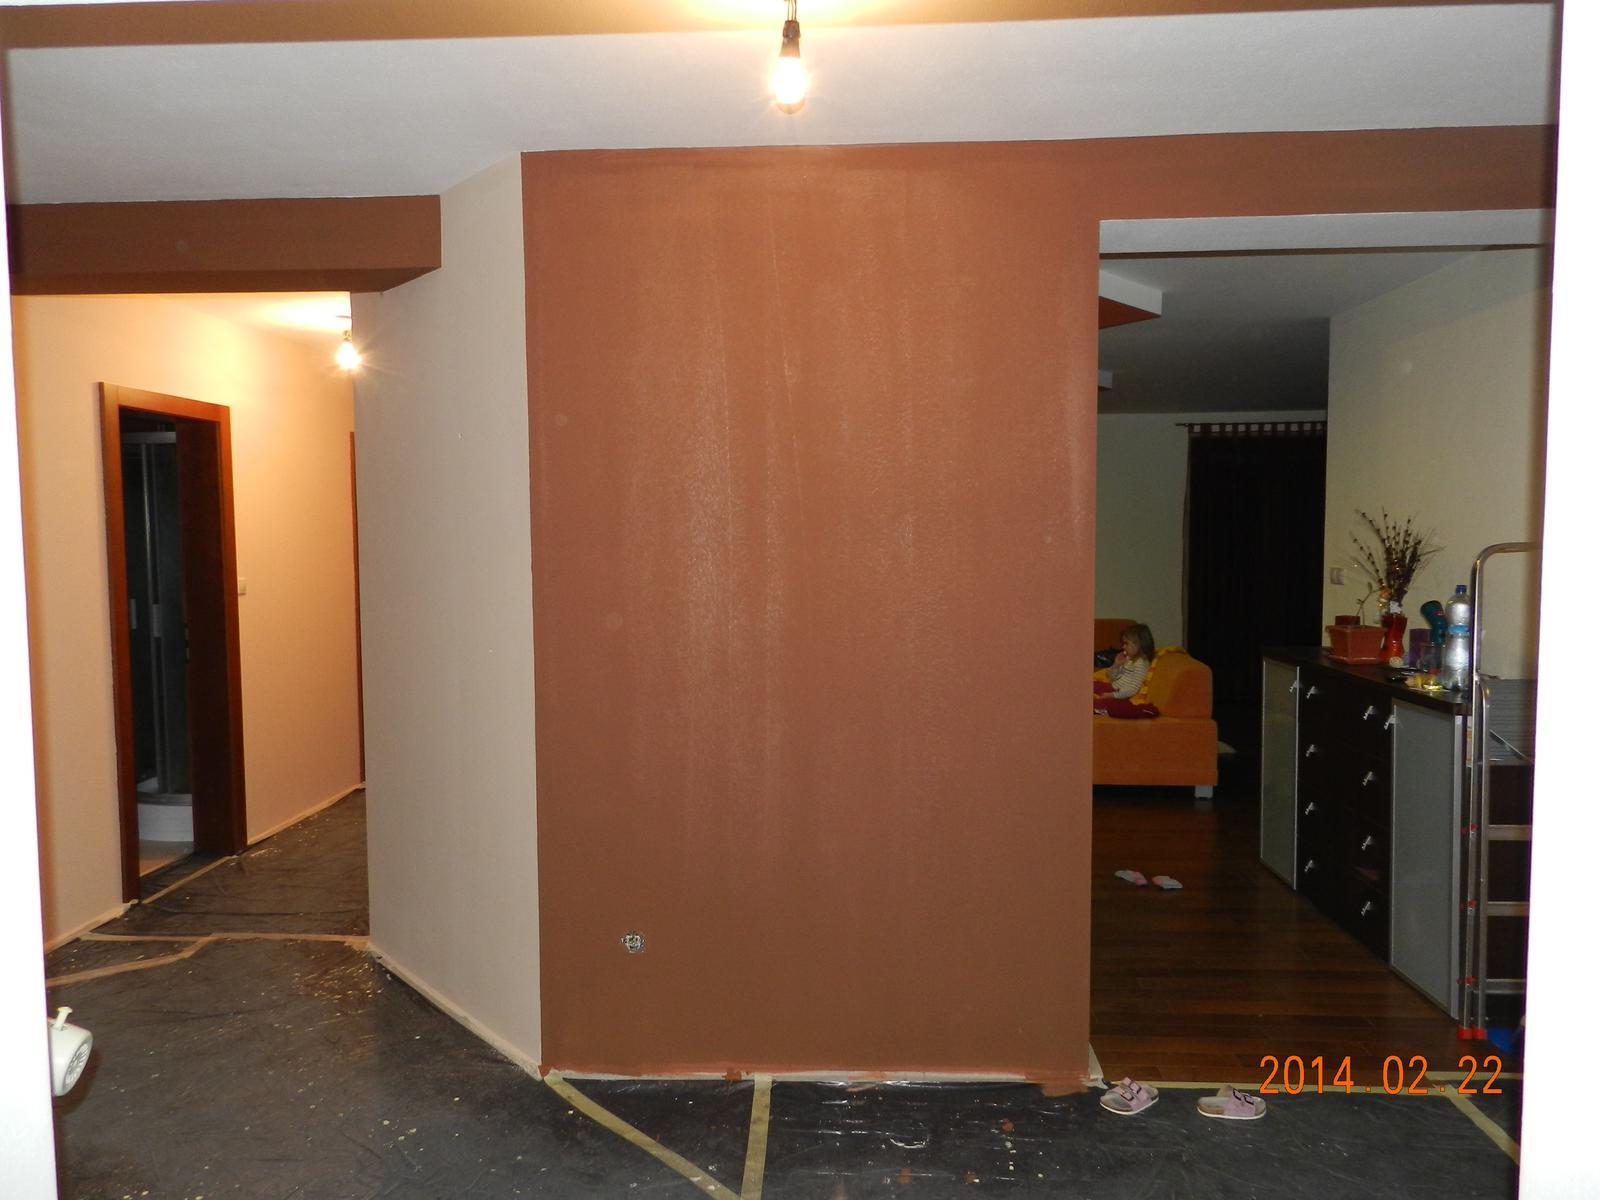 Naša prerábka  :) 2014 - no tak táto stena sa nám nevydarila :( nie je to hnedá ako hnedá :( - stena dnes prefarbená na tmavú hnedú :)